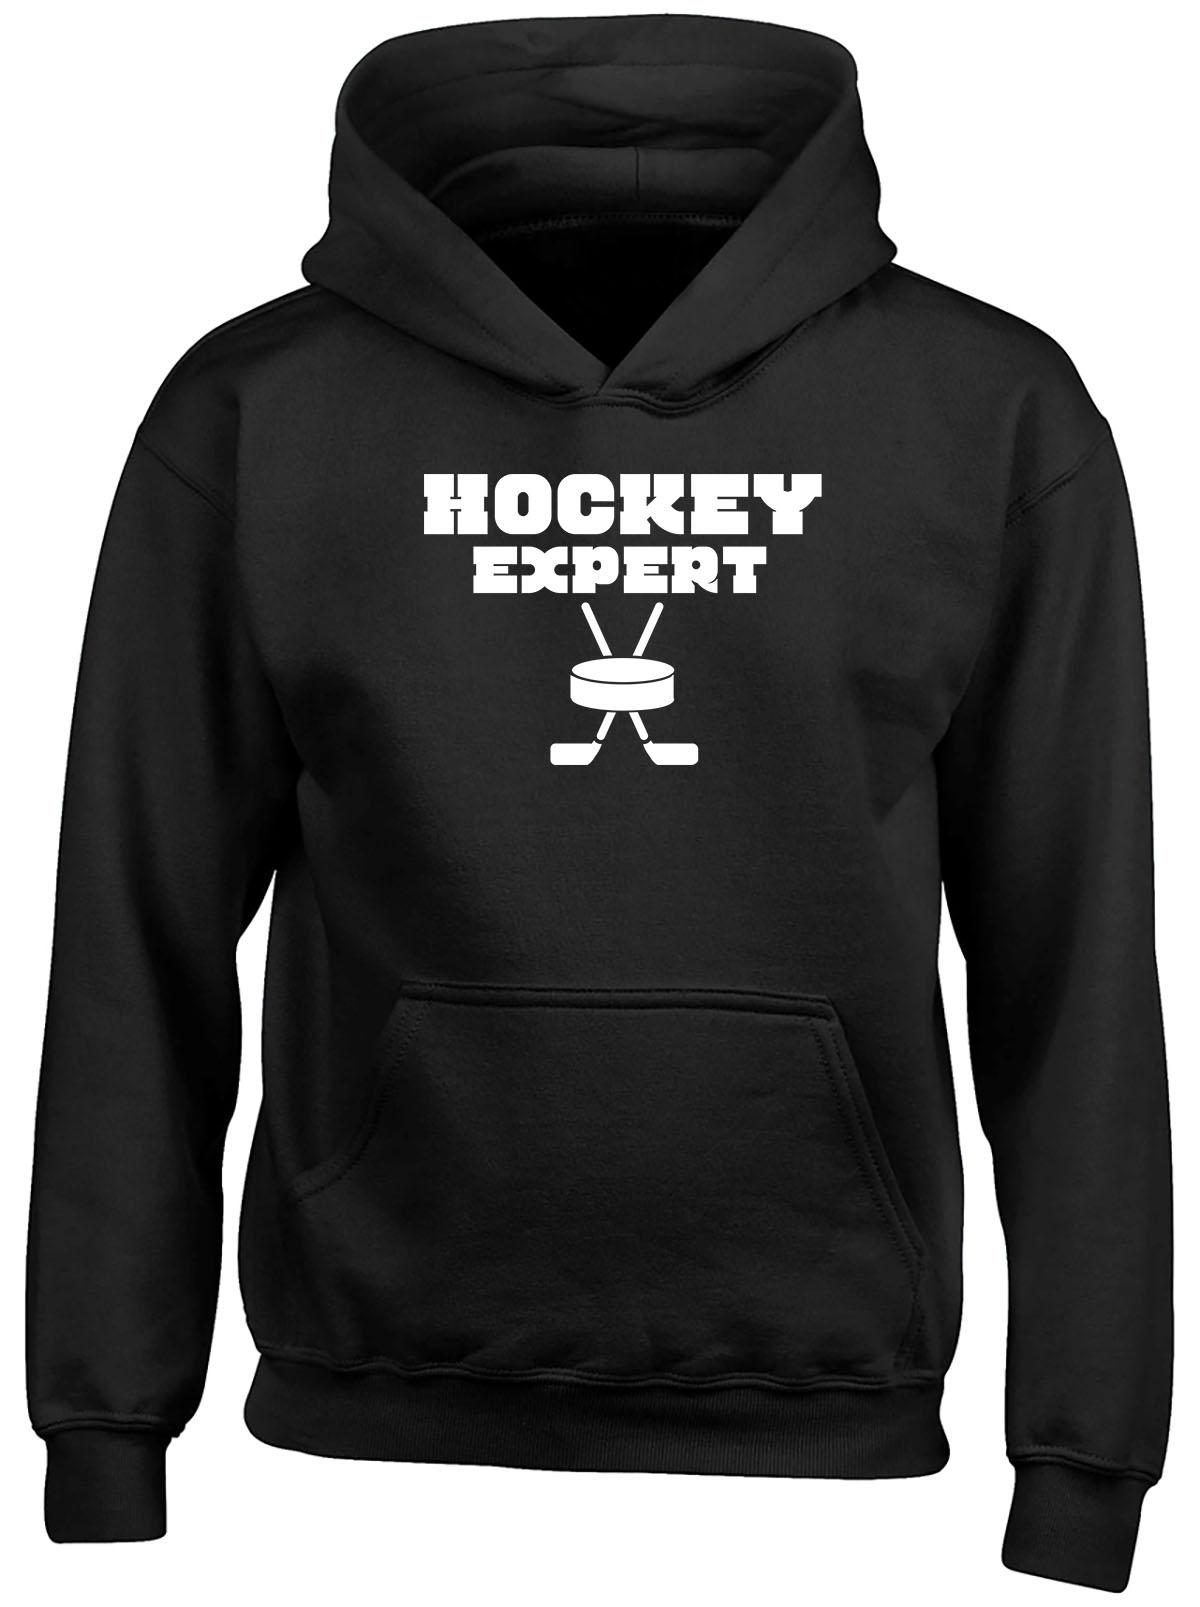 Expert Hockey Childrens Kids Hooded Top Hoodie Boys Girls